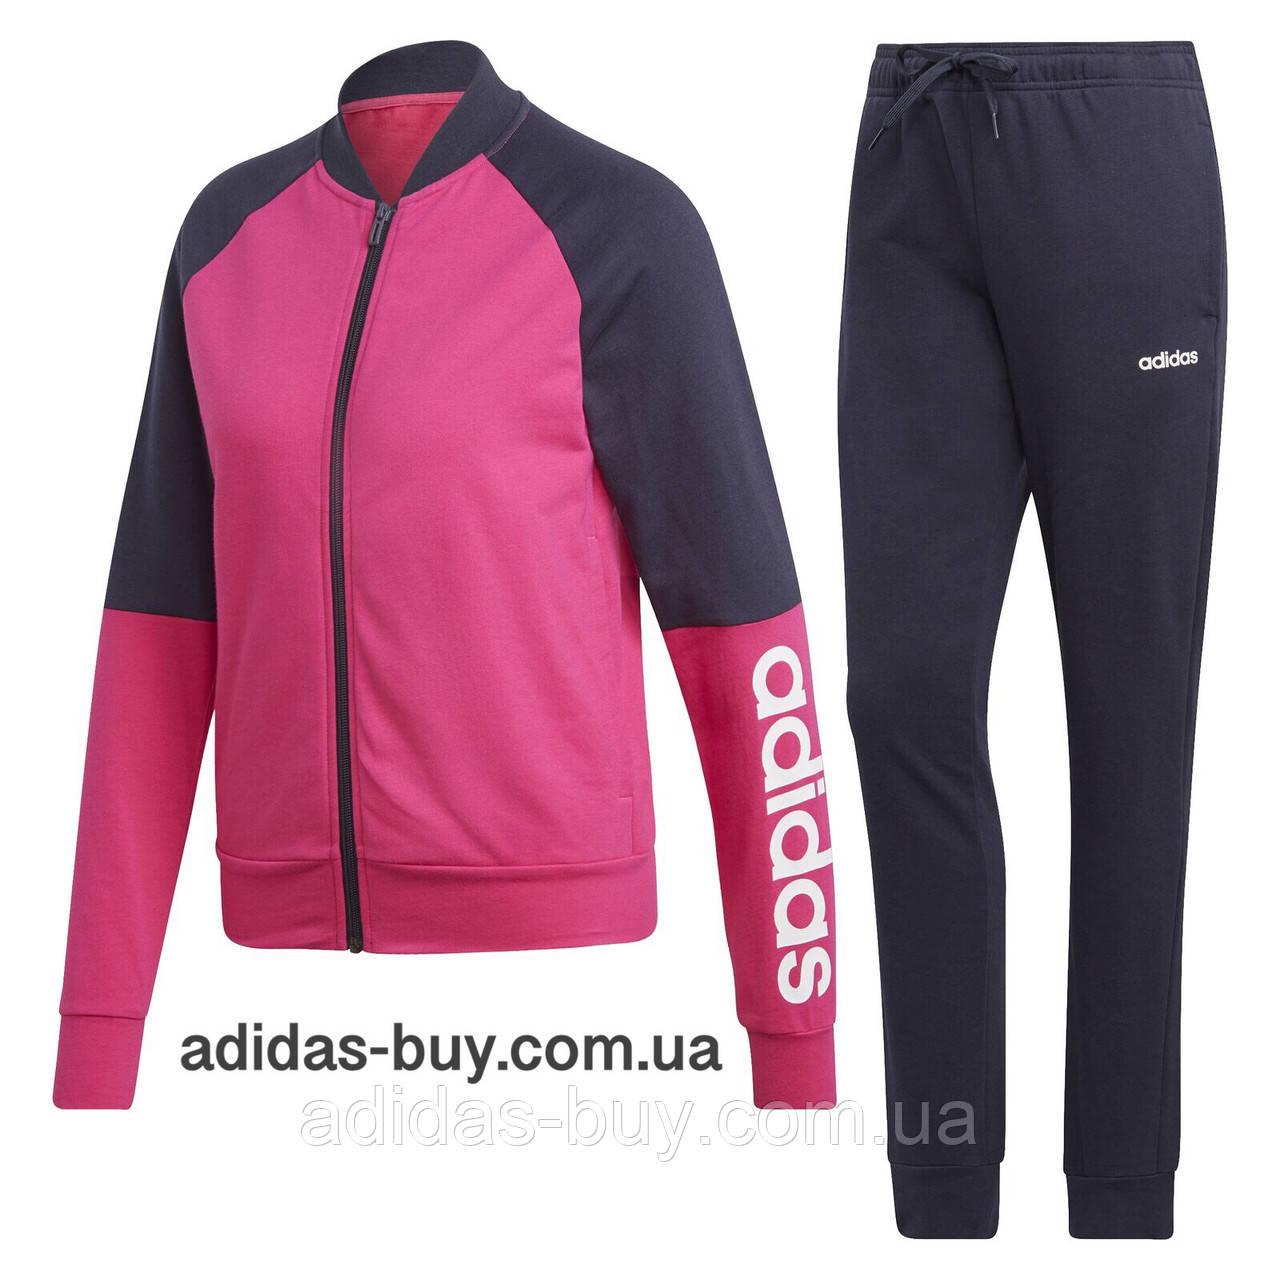 edd89698 Костюм женский оригинальный adidas спортивный DV2437 цвет: розовый / синий  - ORIGINAL SHOES (магазин